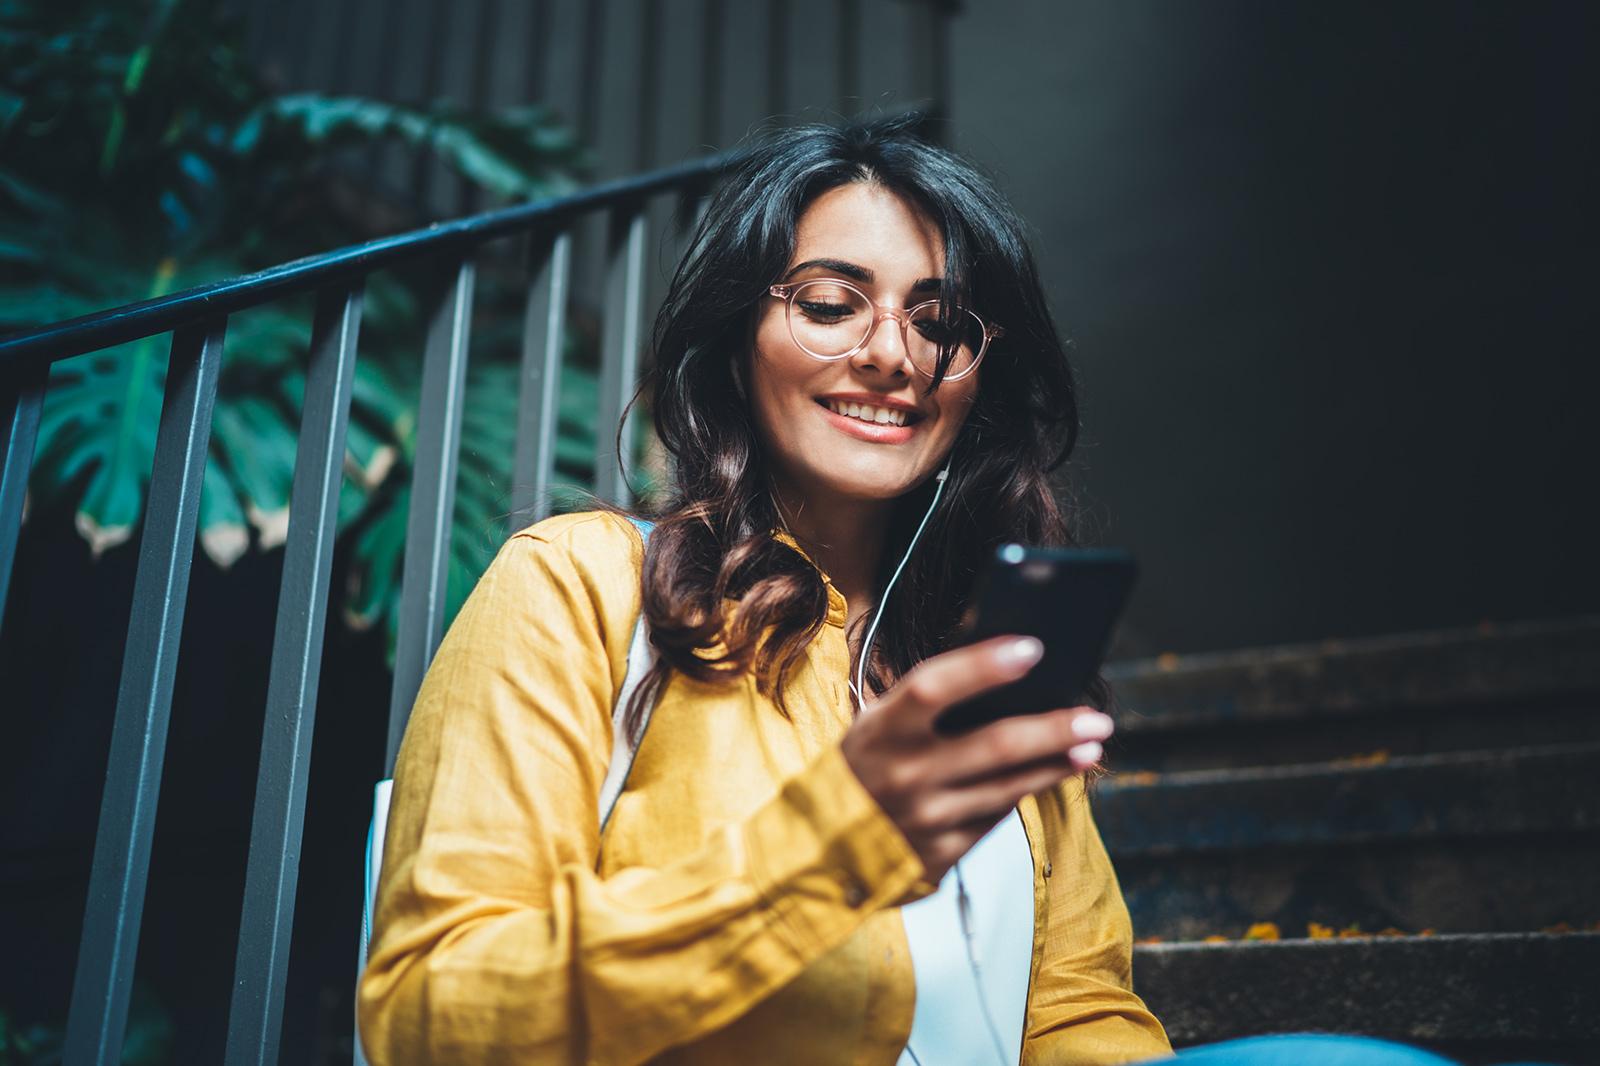 Studentin in gelber Jacke sitzt mit Handy und probiert das Online Bewerbungstool der Universität Graz von Conversory